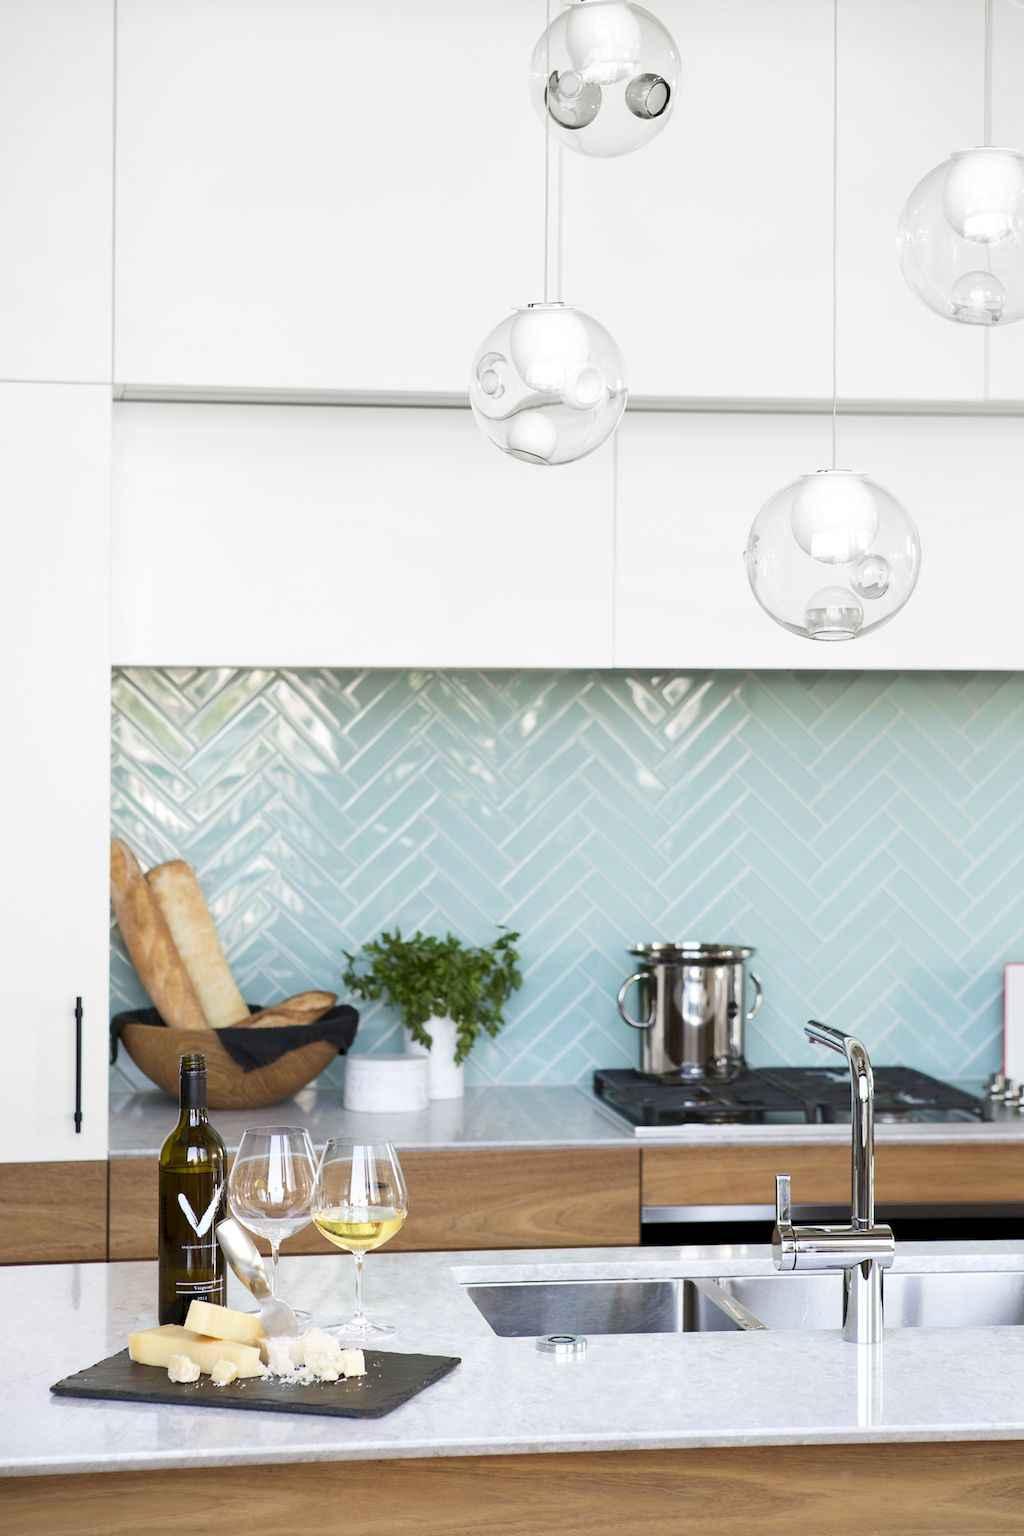 Mid century modern kitchen design ideas (33) - HomeSpecially